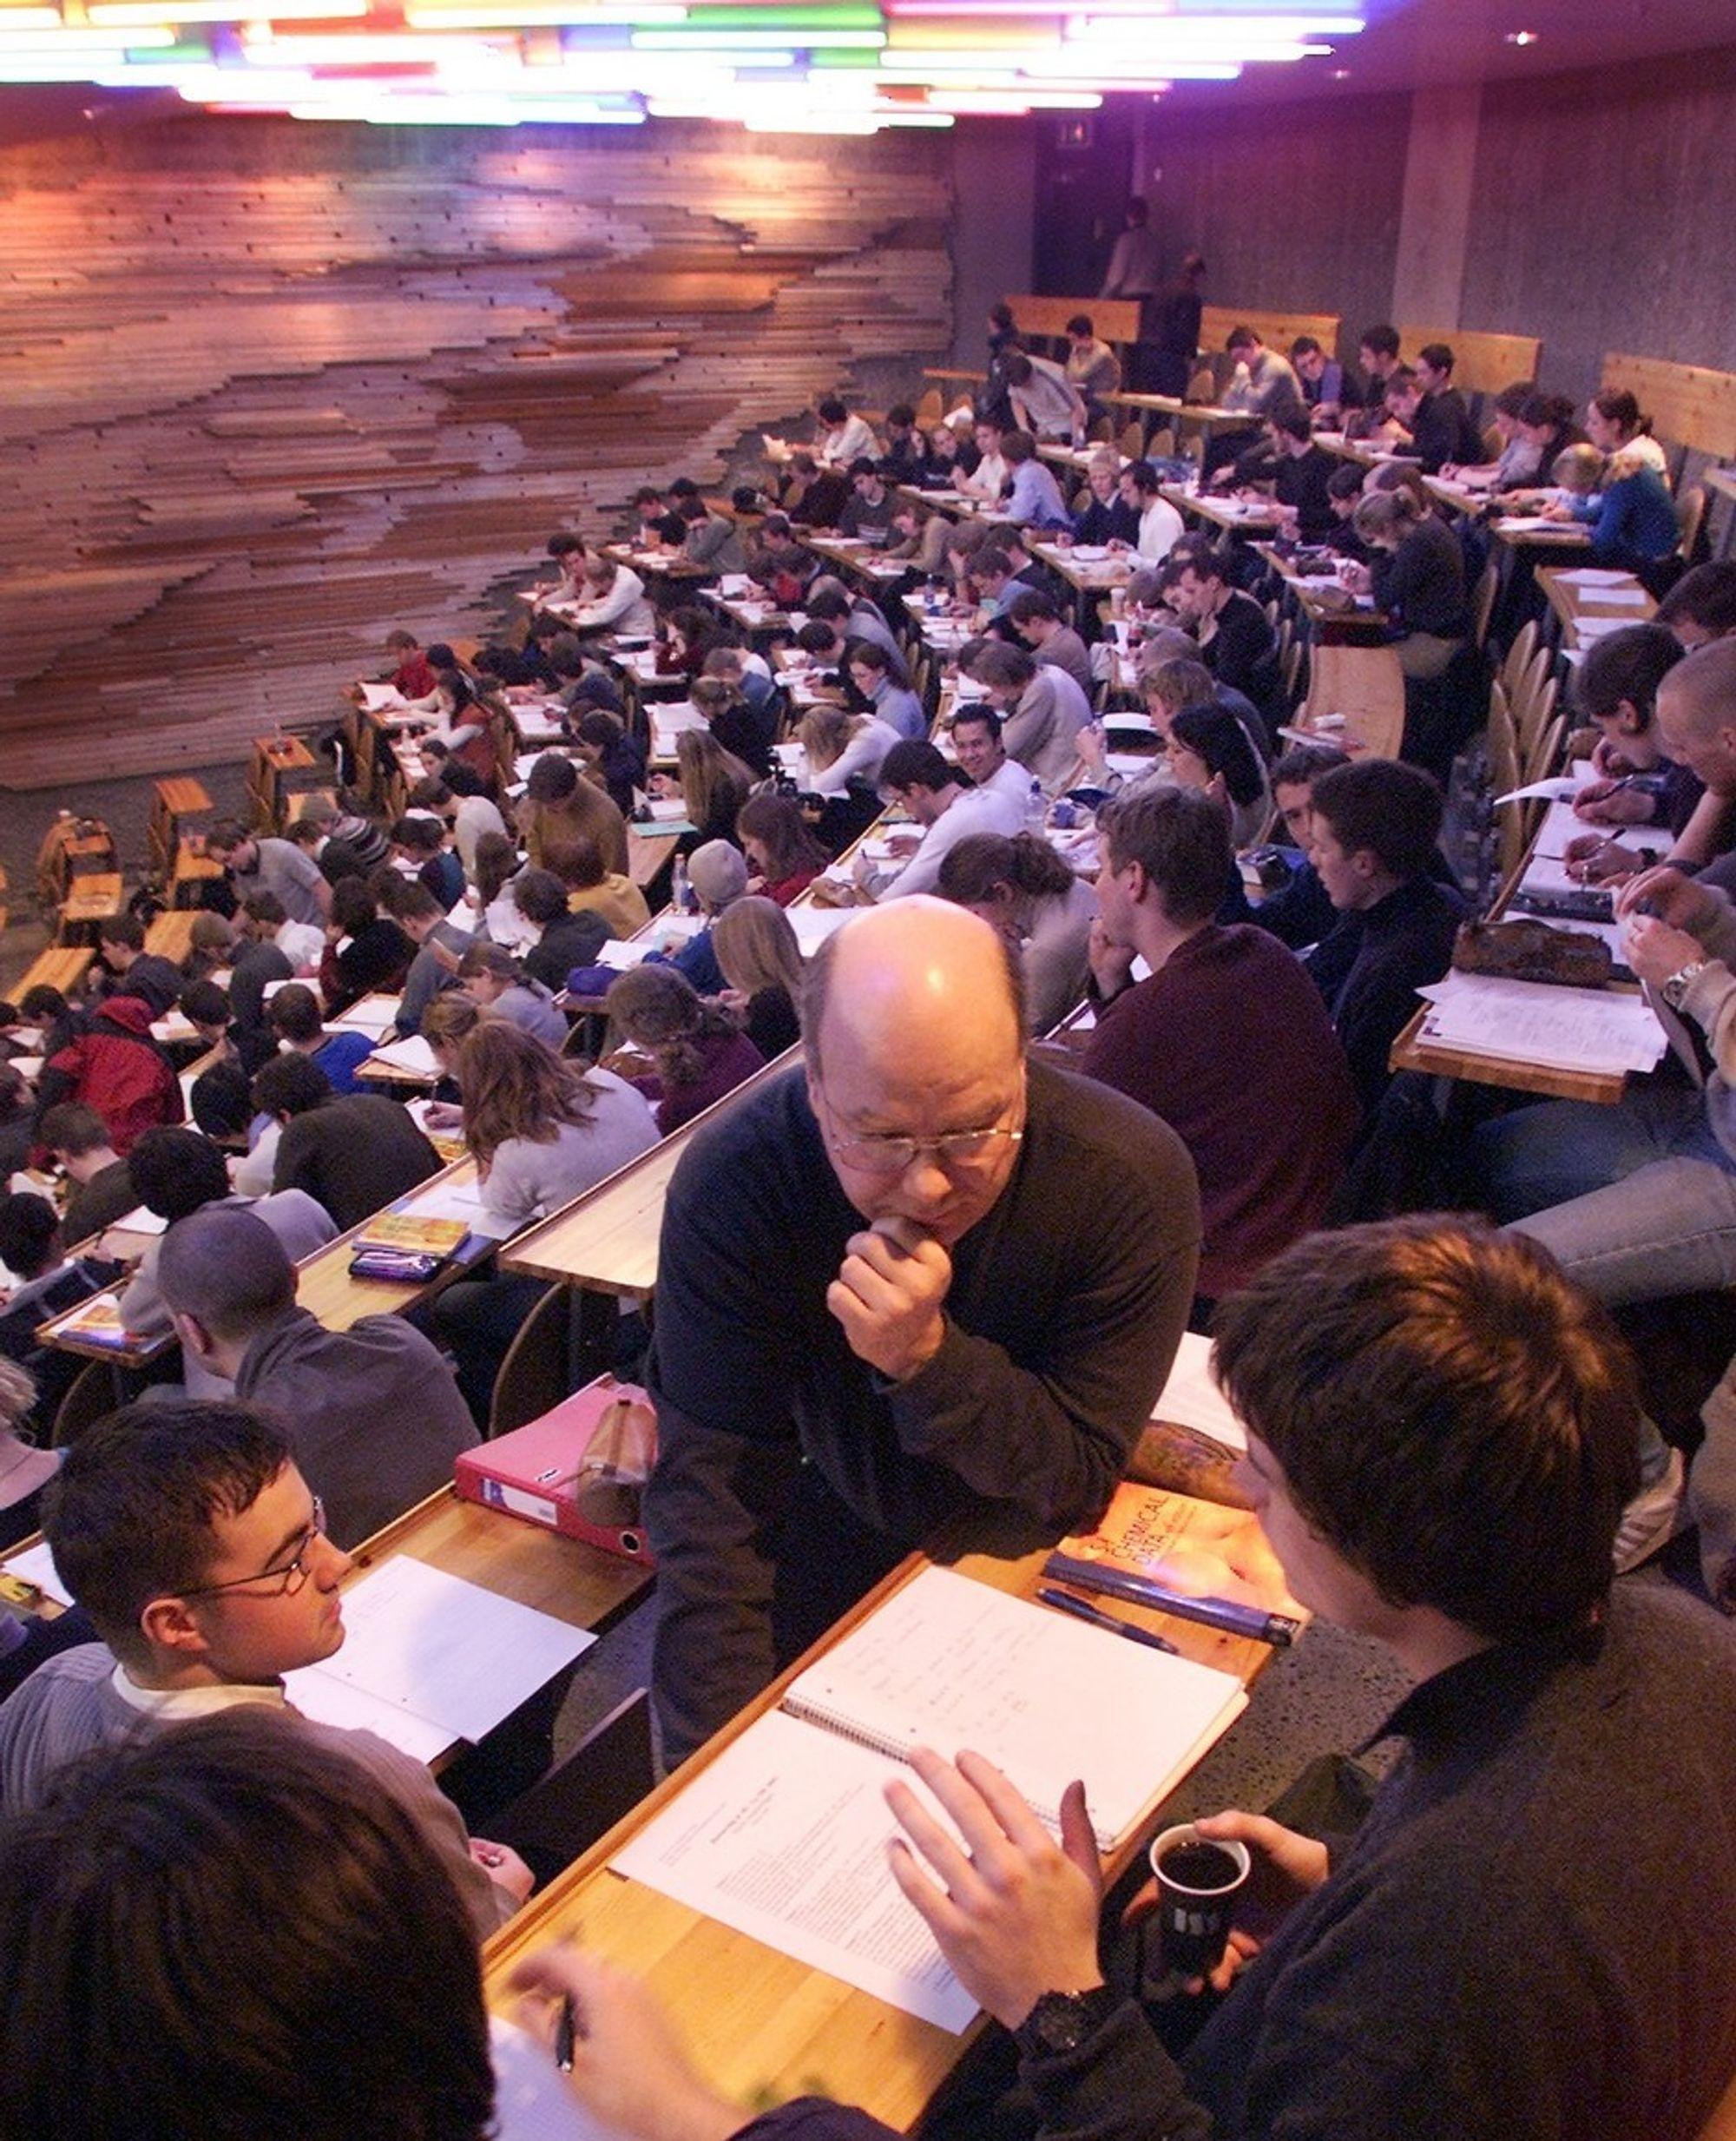 EXIT EX.PHIL?: Sivilingeniørstudenter ved NTNU vil ha harde fakta og ikke myke verdier å reflektere over, viser ny undersøkelse. FOTO: NTNU